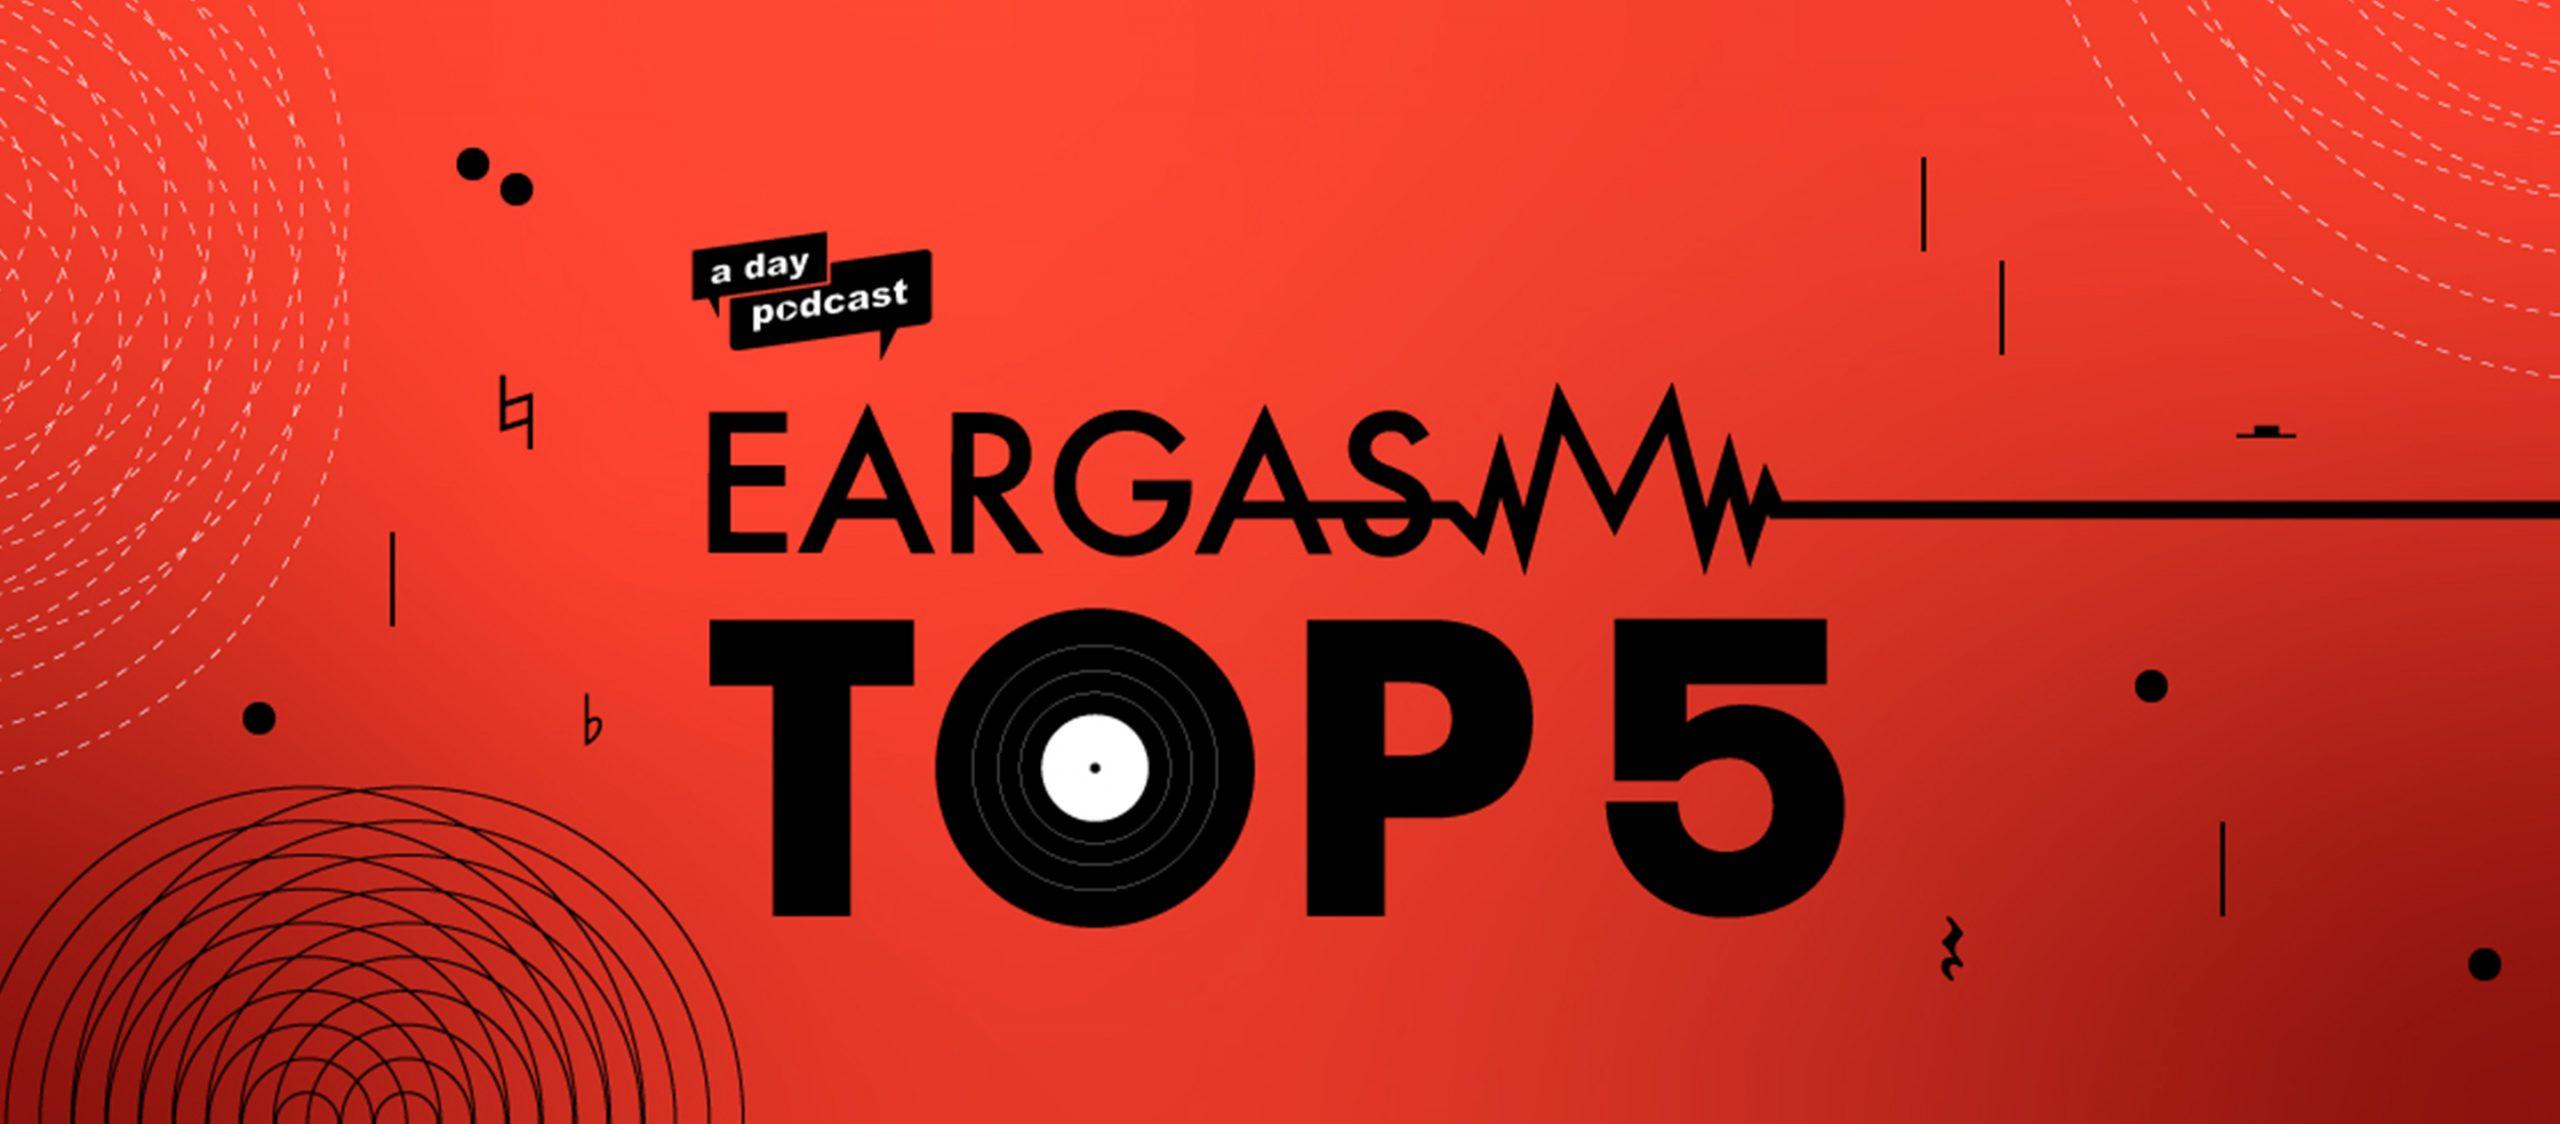 EARGASM TOP 5 EP.00 เรื่องราวหลังบทเพลงและรายการกับ แพท–สิระ บุญสินสุข